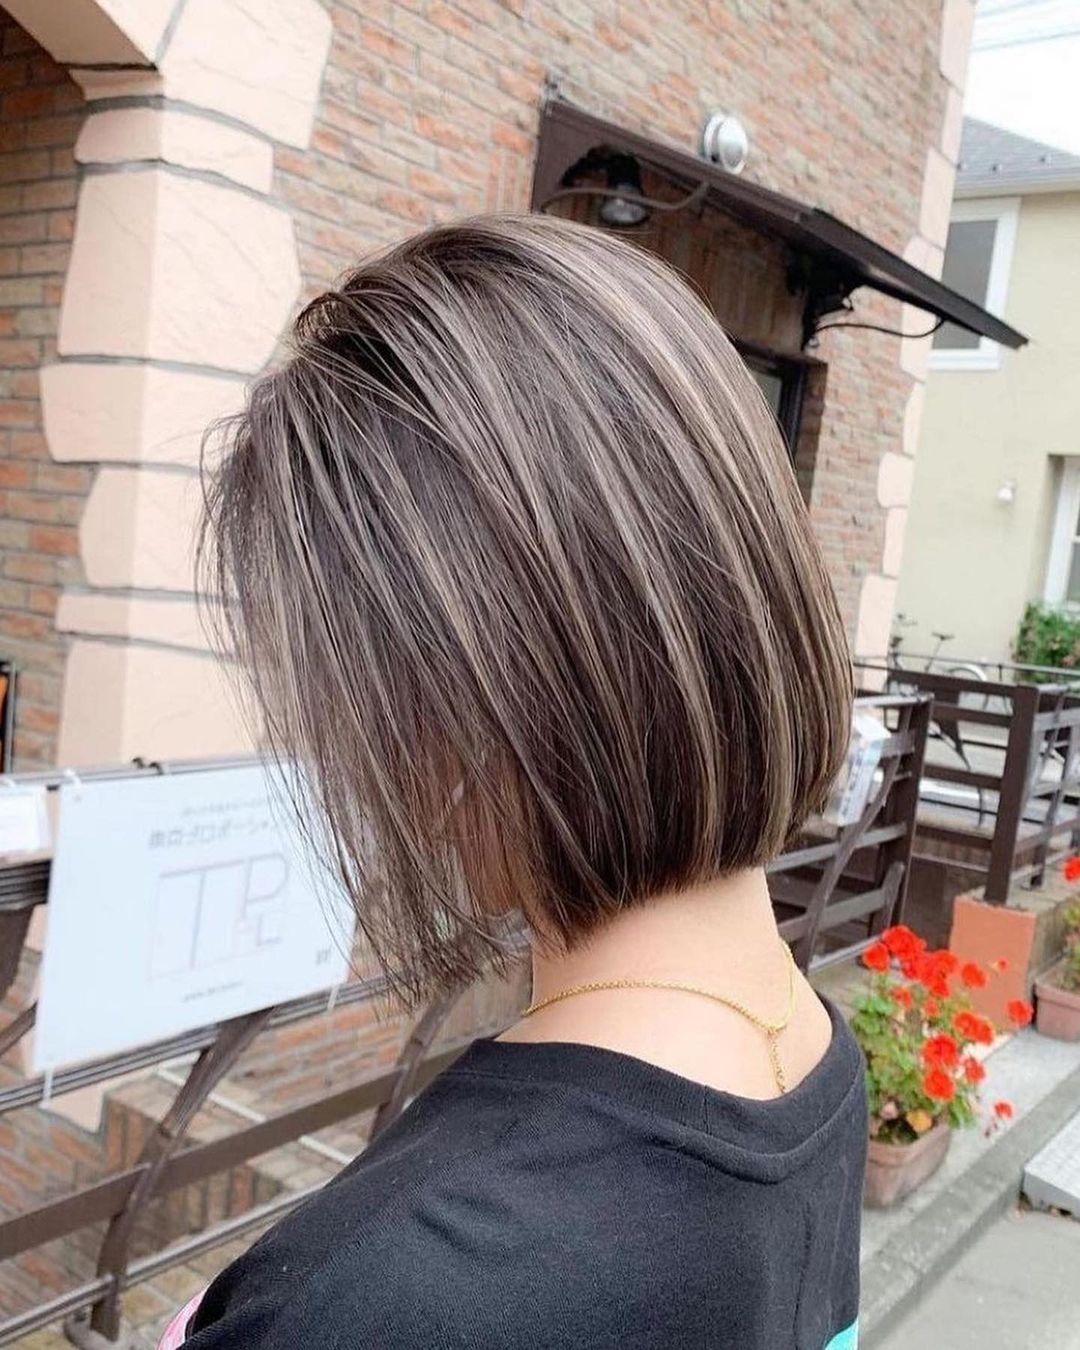 Stylish Cute Bob Haircuts with Short Hair - Women Short Hair Color Ideas